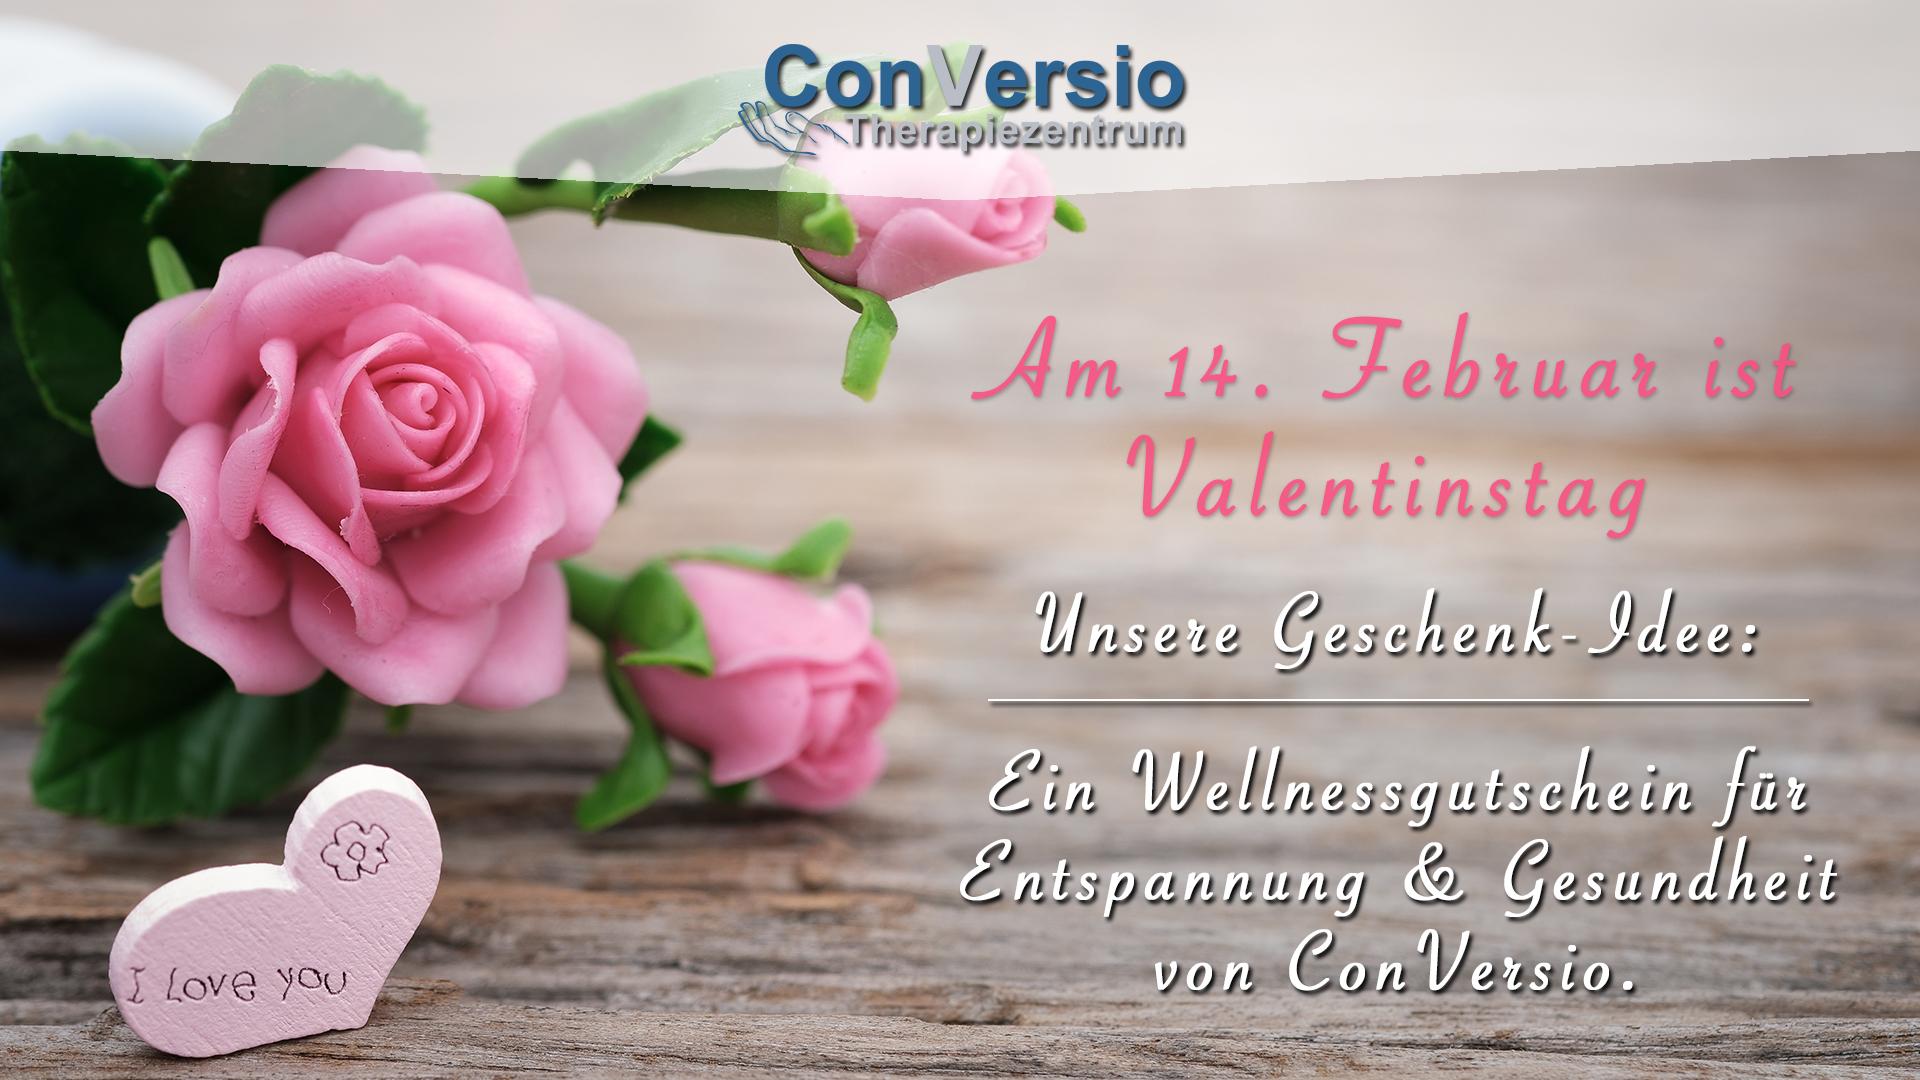 Valentinstag Geschenk-Idee